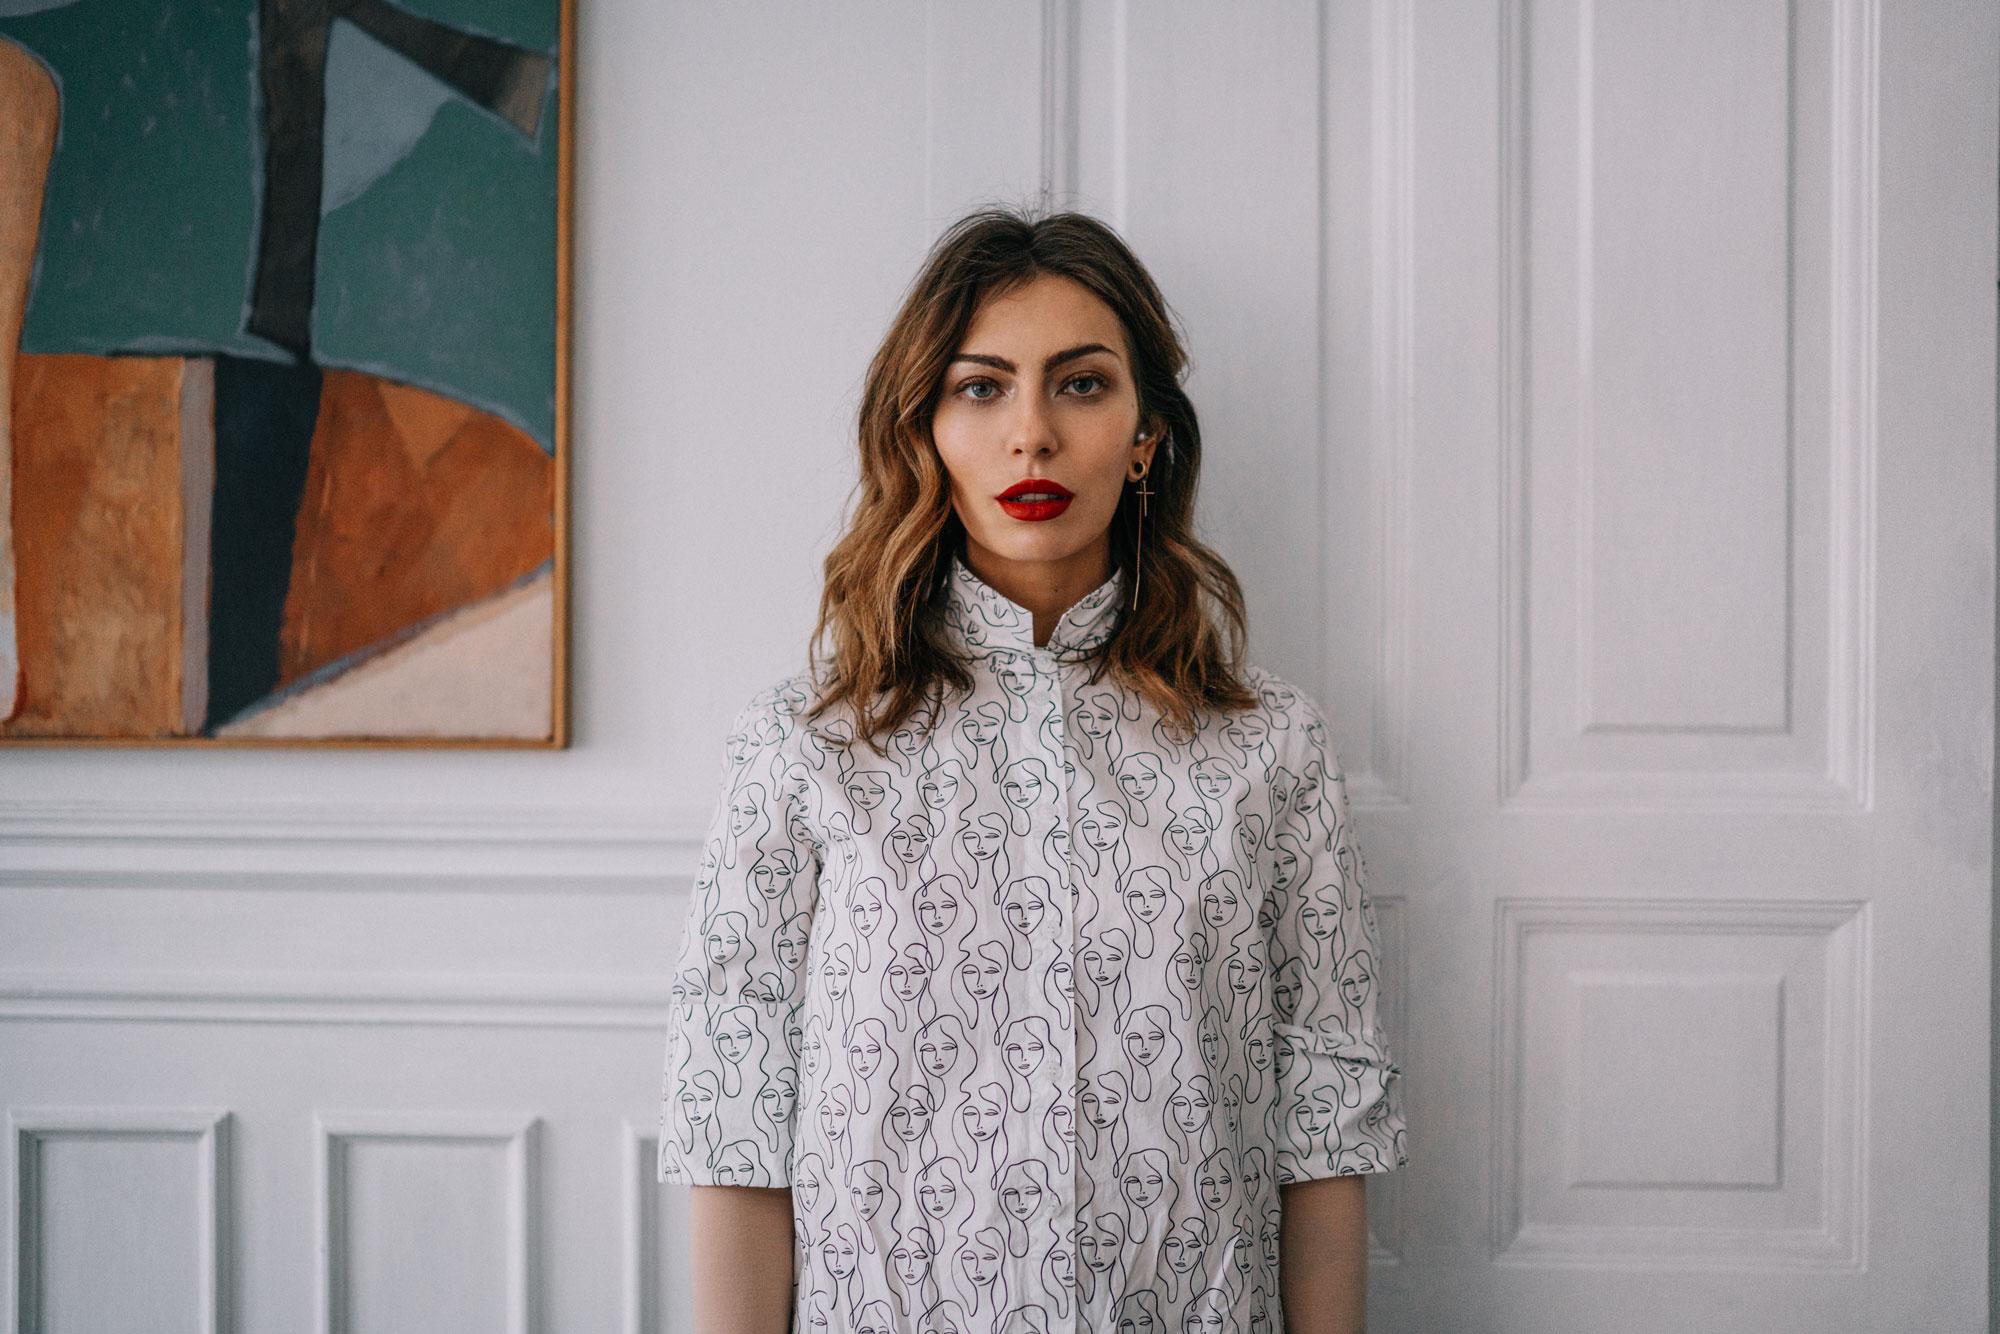 Фотографии с настроением | фотографии Марии Сэджвик, Модный немецкий блогер | стиль: томбой, французский, свободный, крутой, сексуальный, классический| Parisienne apartment editorial